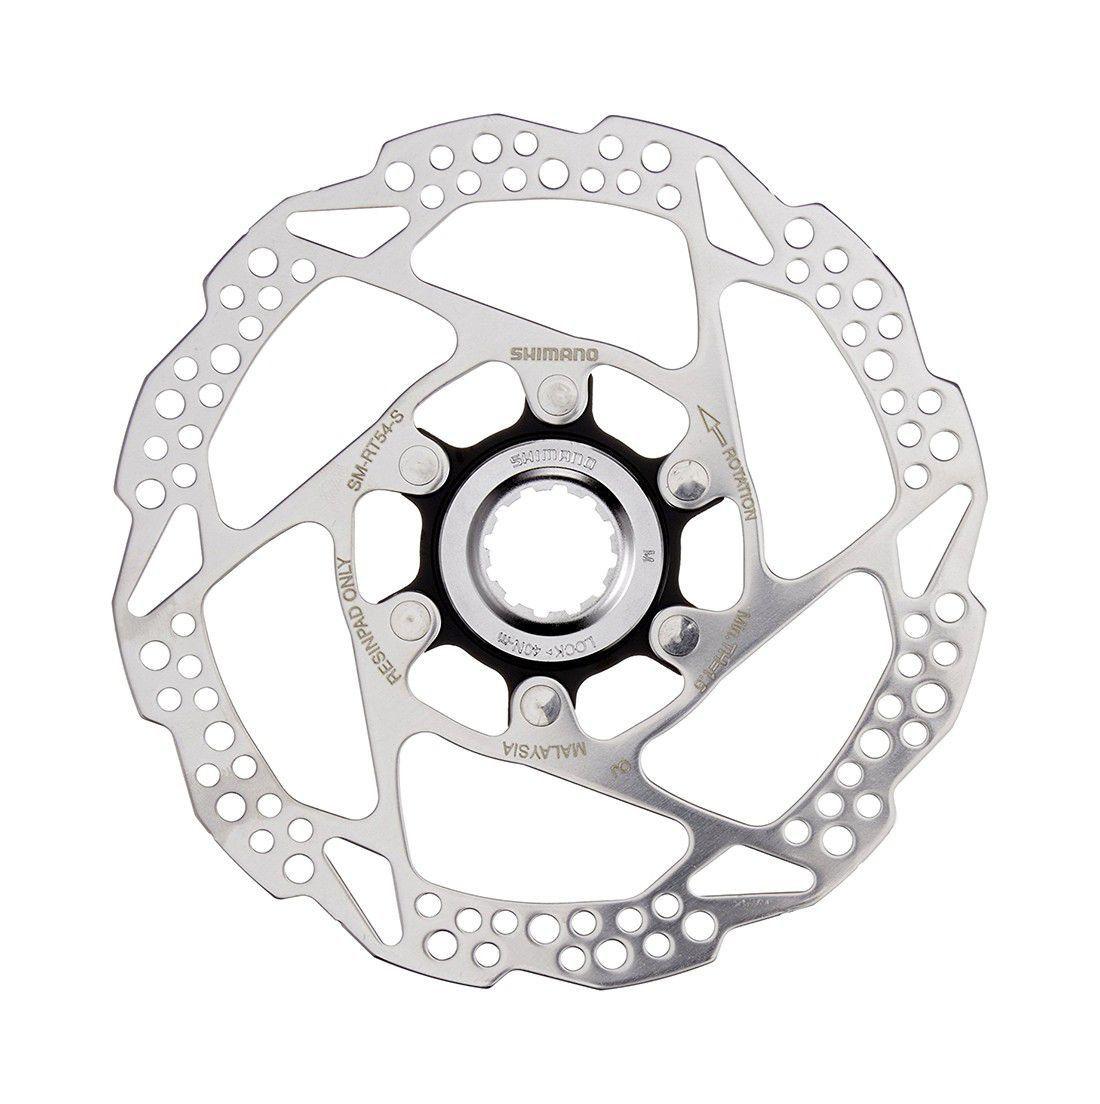 Disco De Freio Rotor Shimano Rt54 Inox 160mm Para Freios à Disco Fixação Center Lock